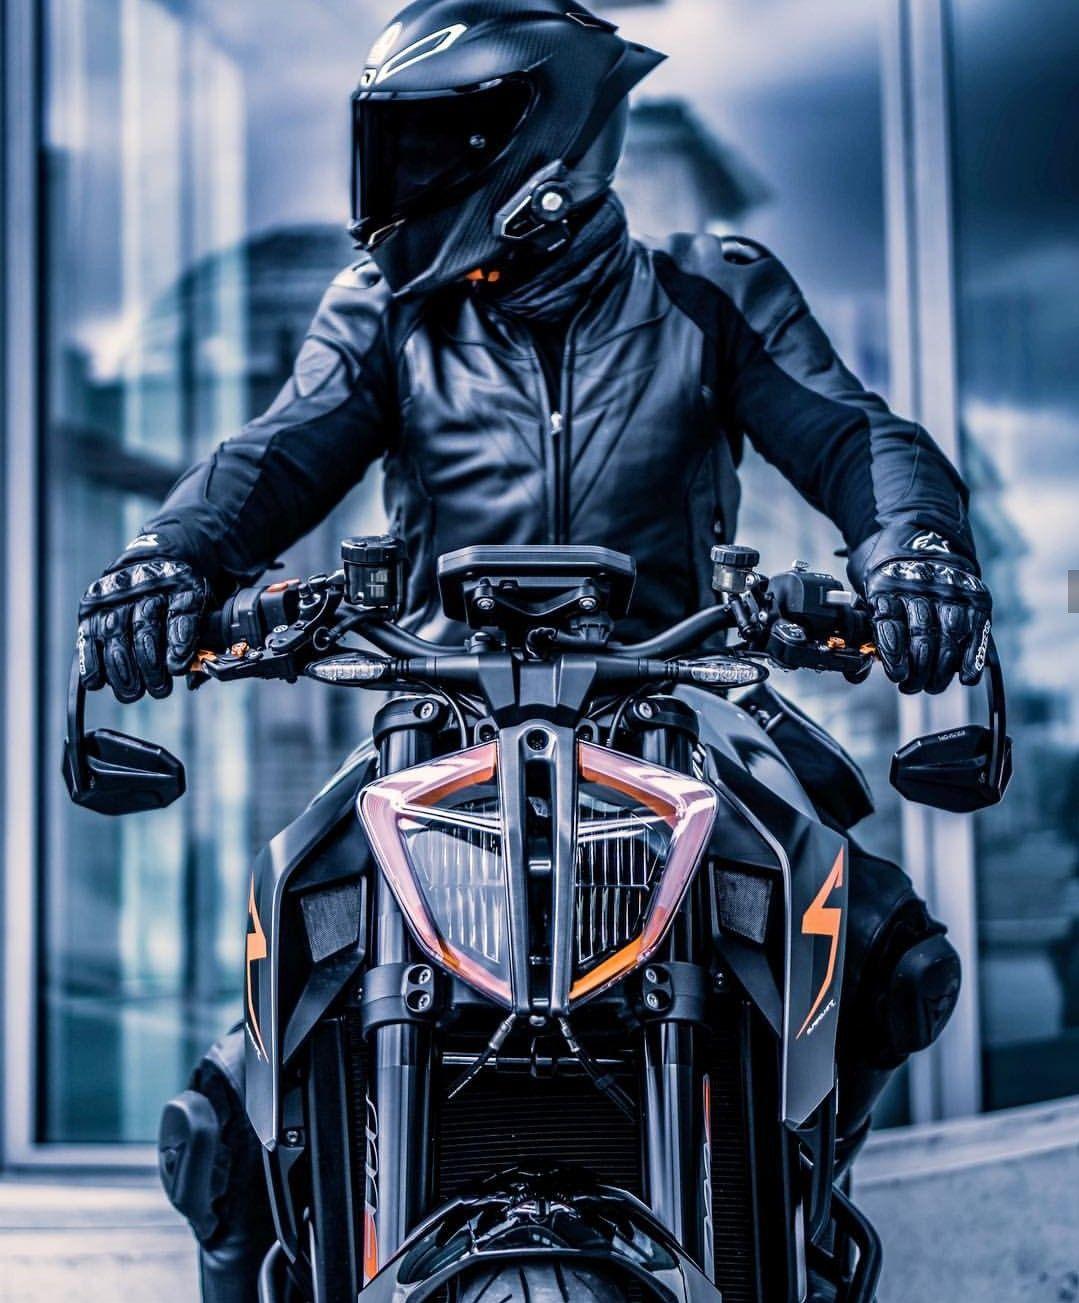 Blk 1290 Duke Duke Motorcycle Ktm Ktm Super Duke